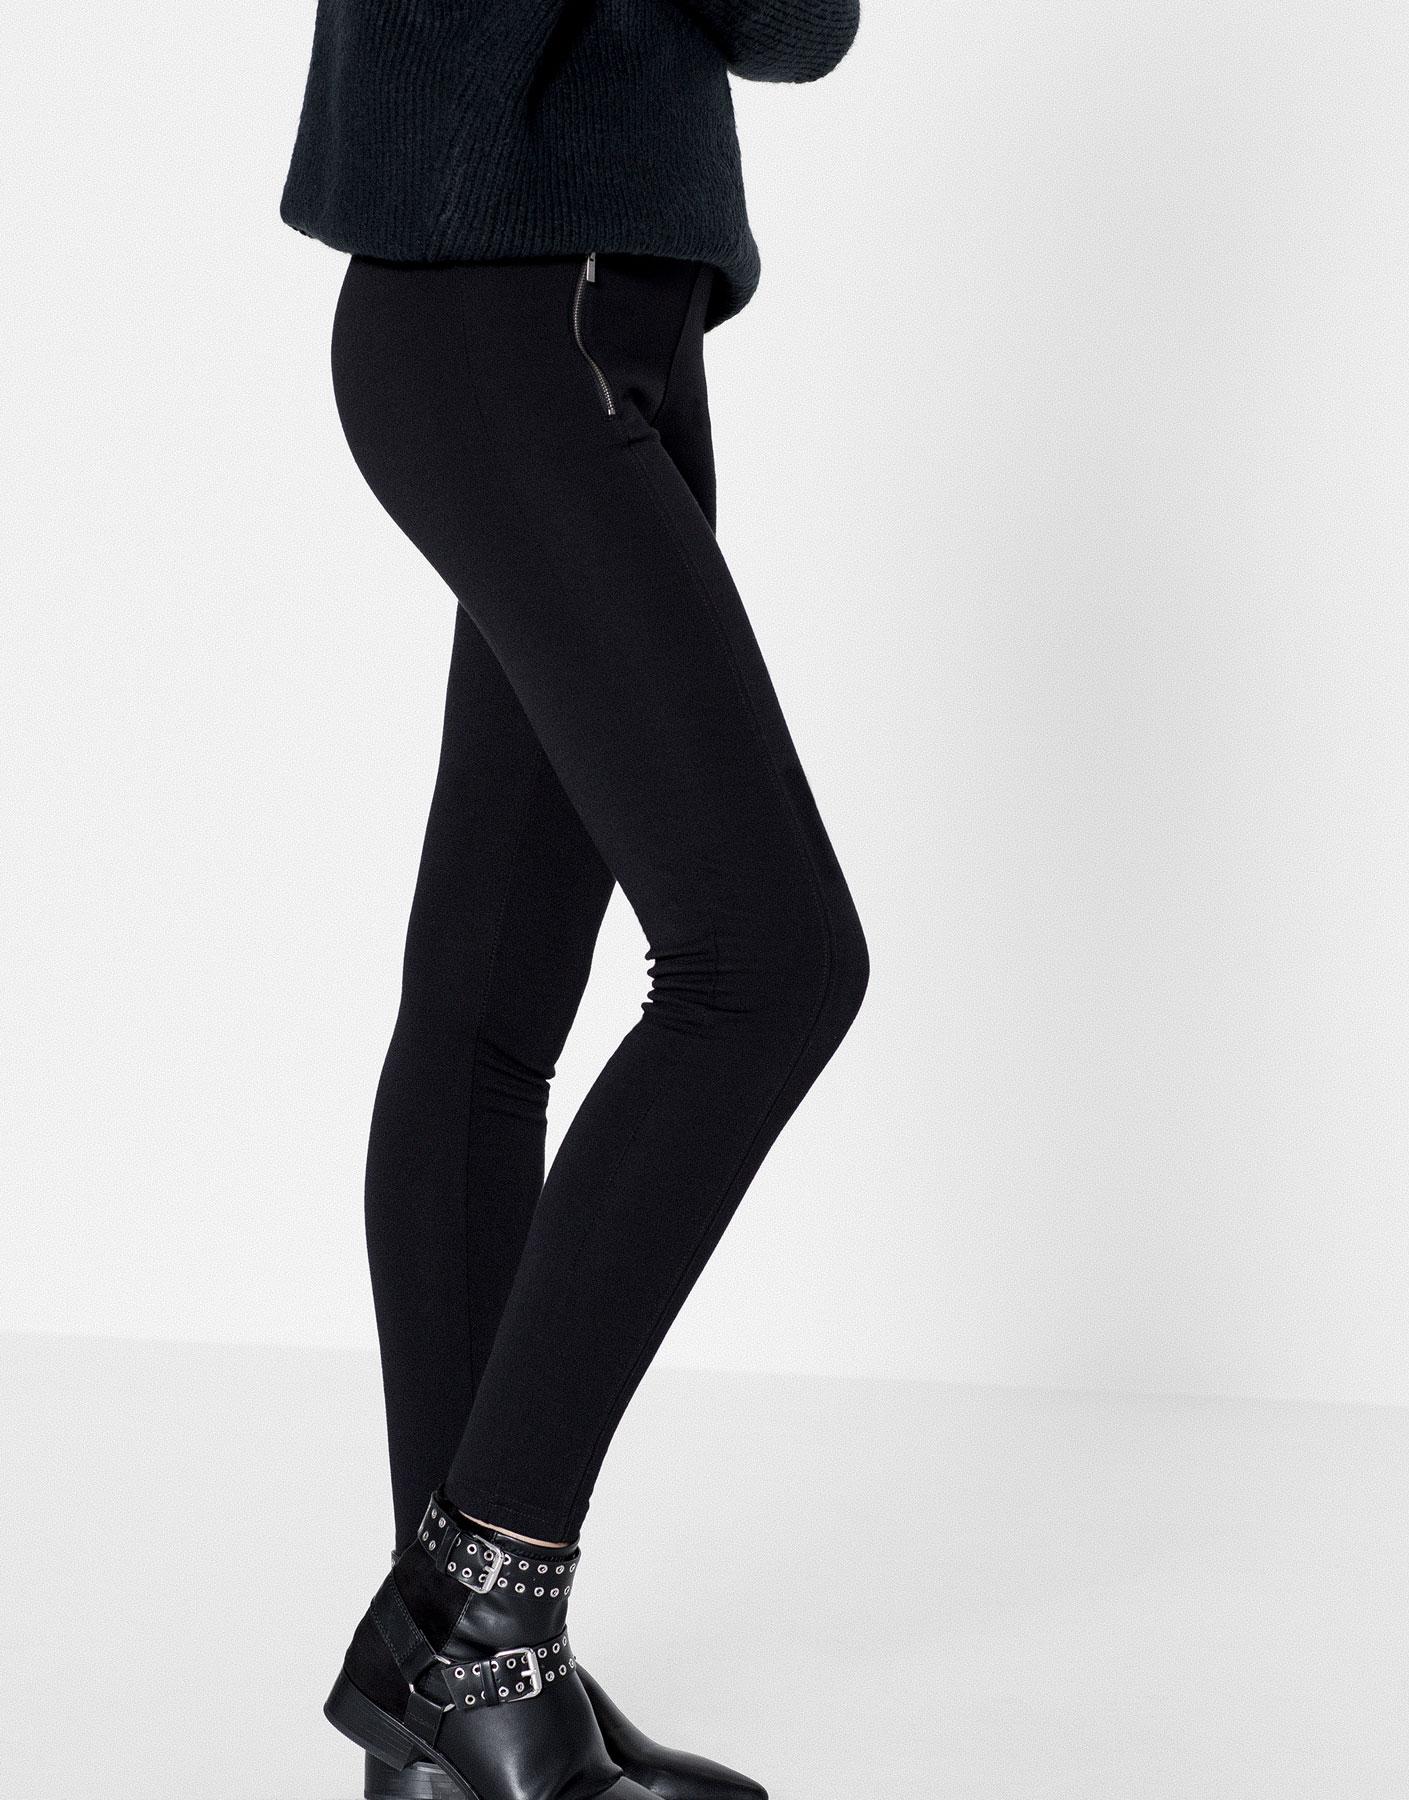 Zipped leggings